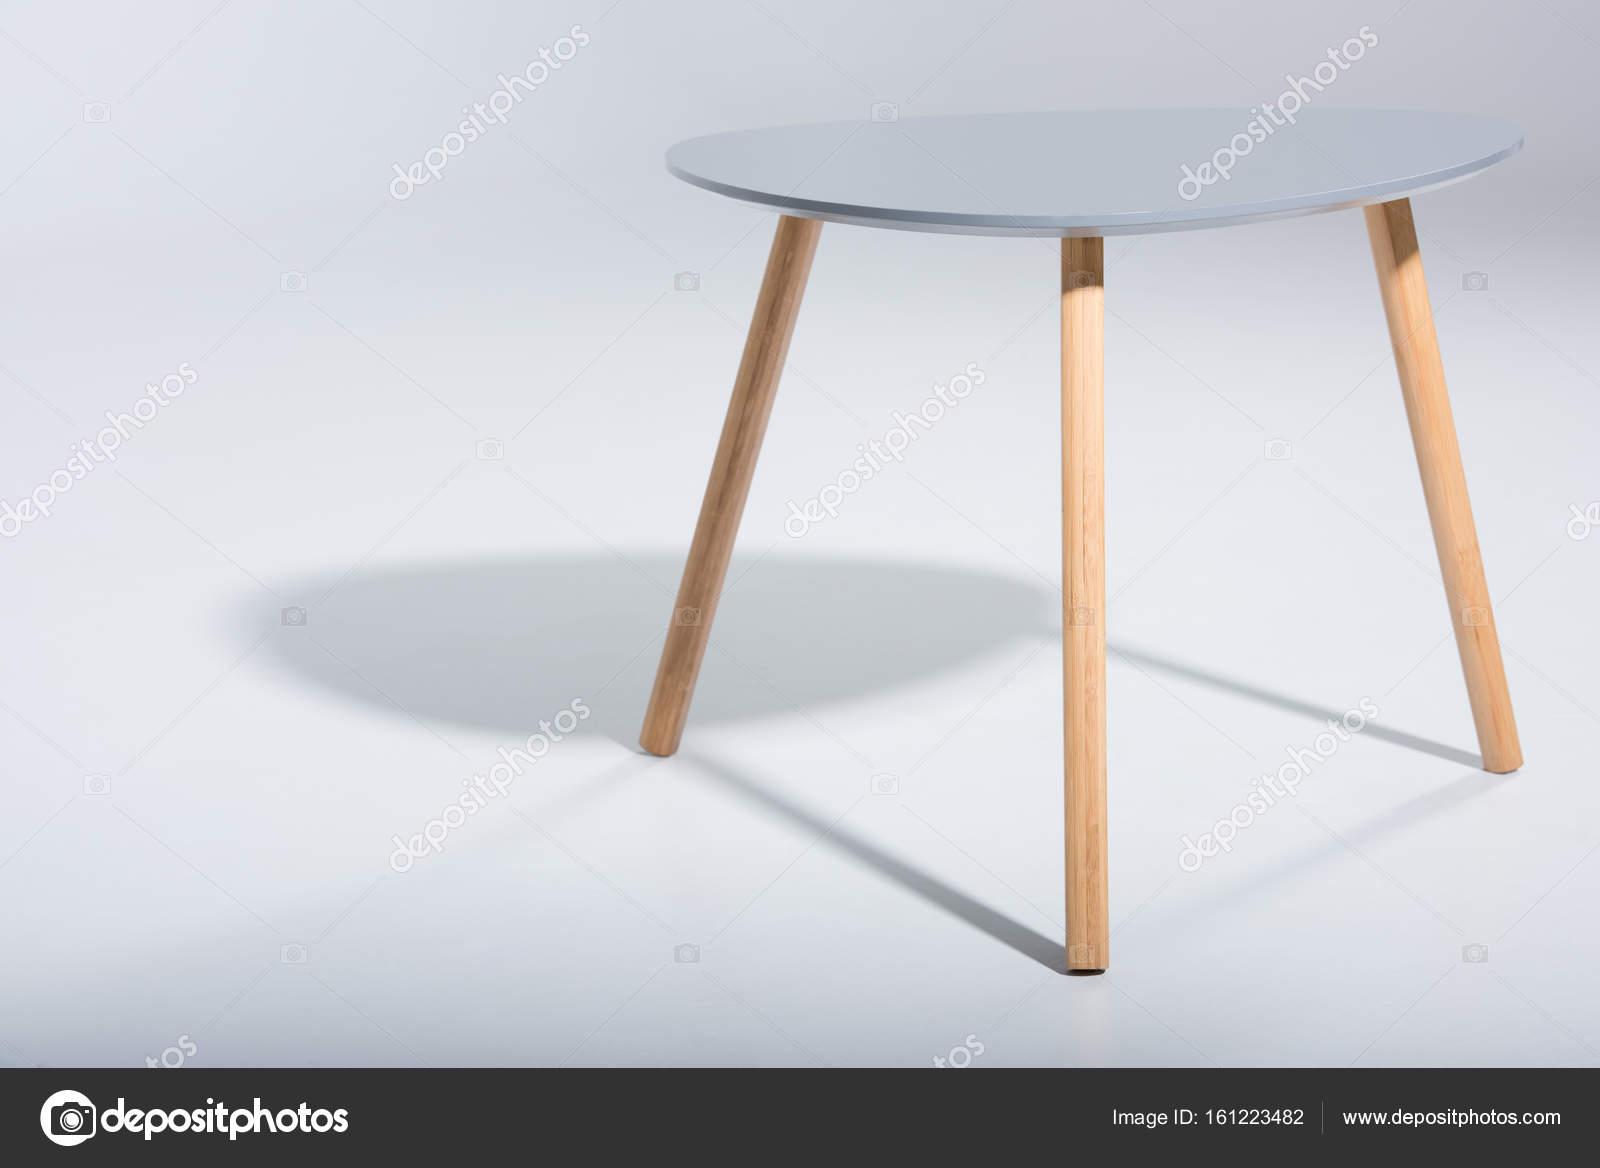 Sgabello con gambe in legno e top bianche u foto stock